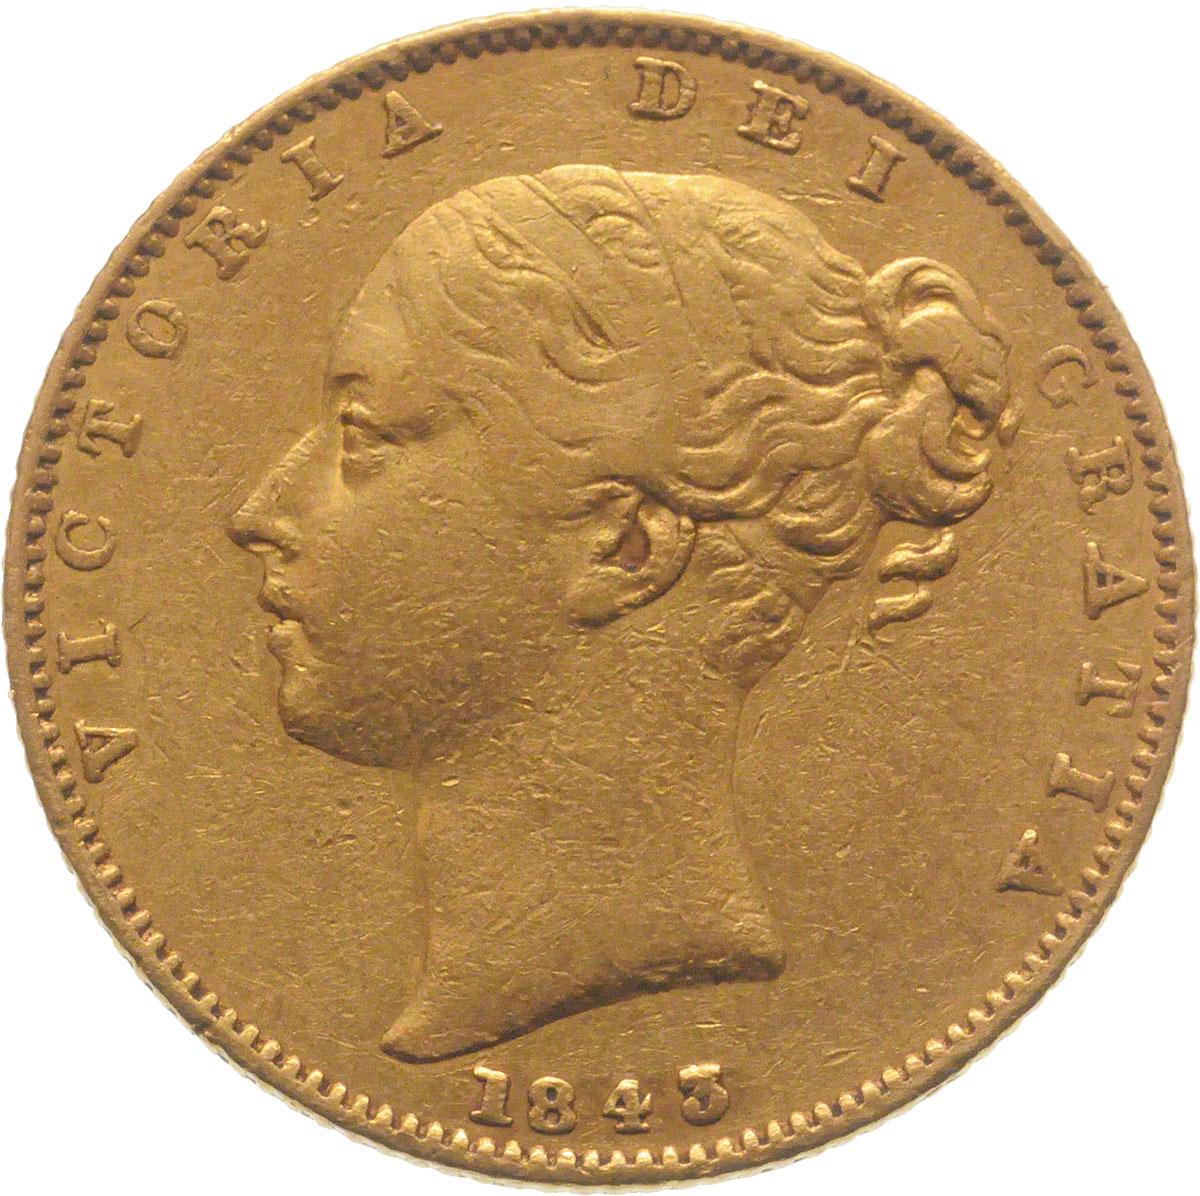 1843 Βικτώρια